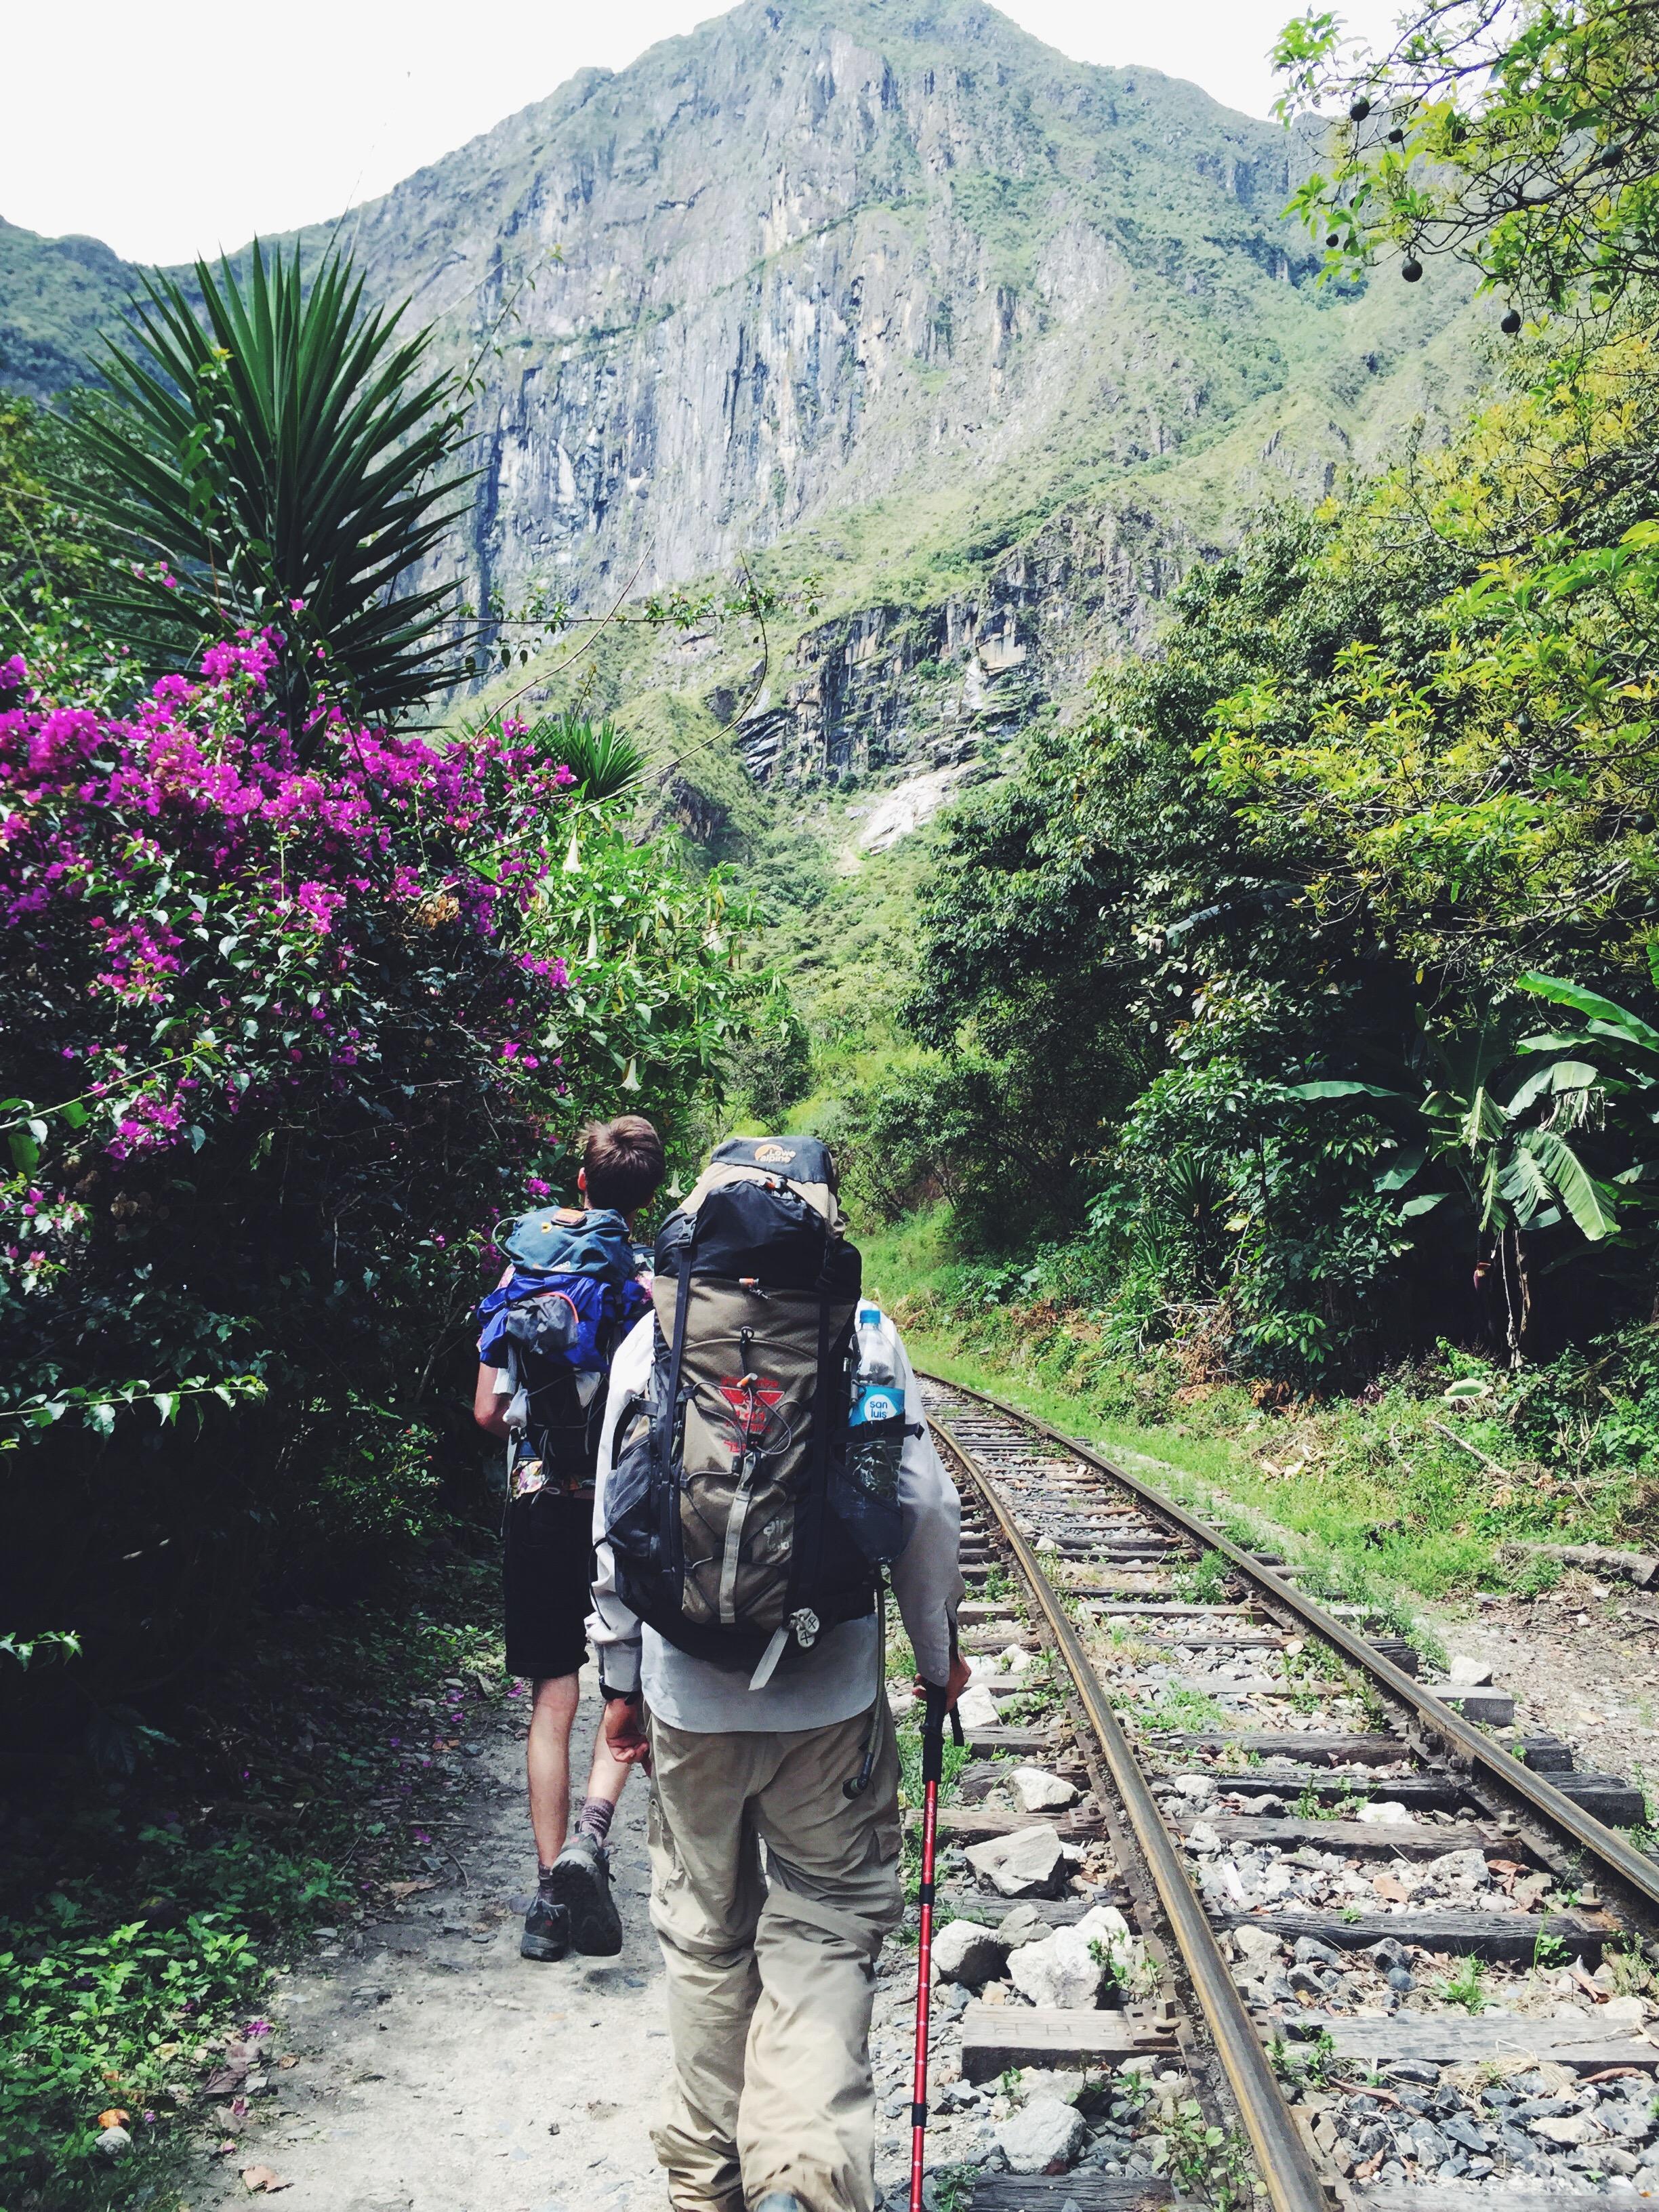 The road to Machu Picchu.